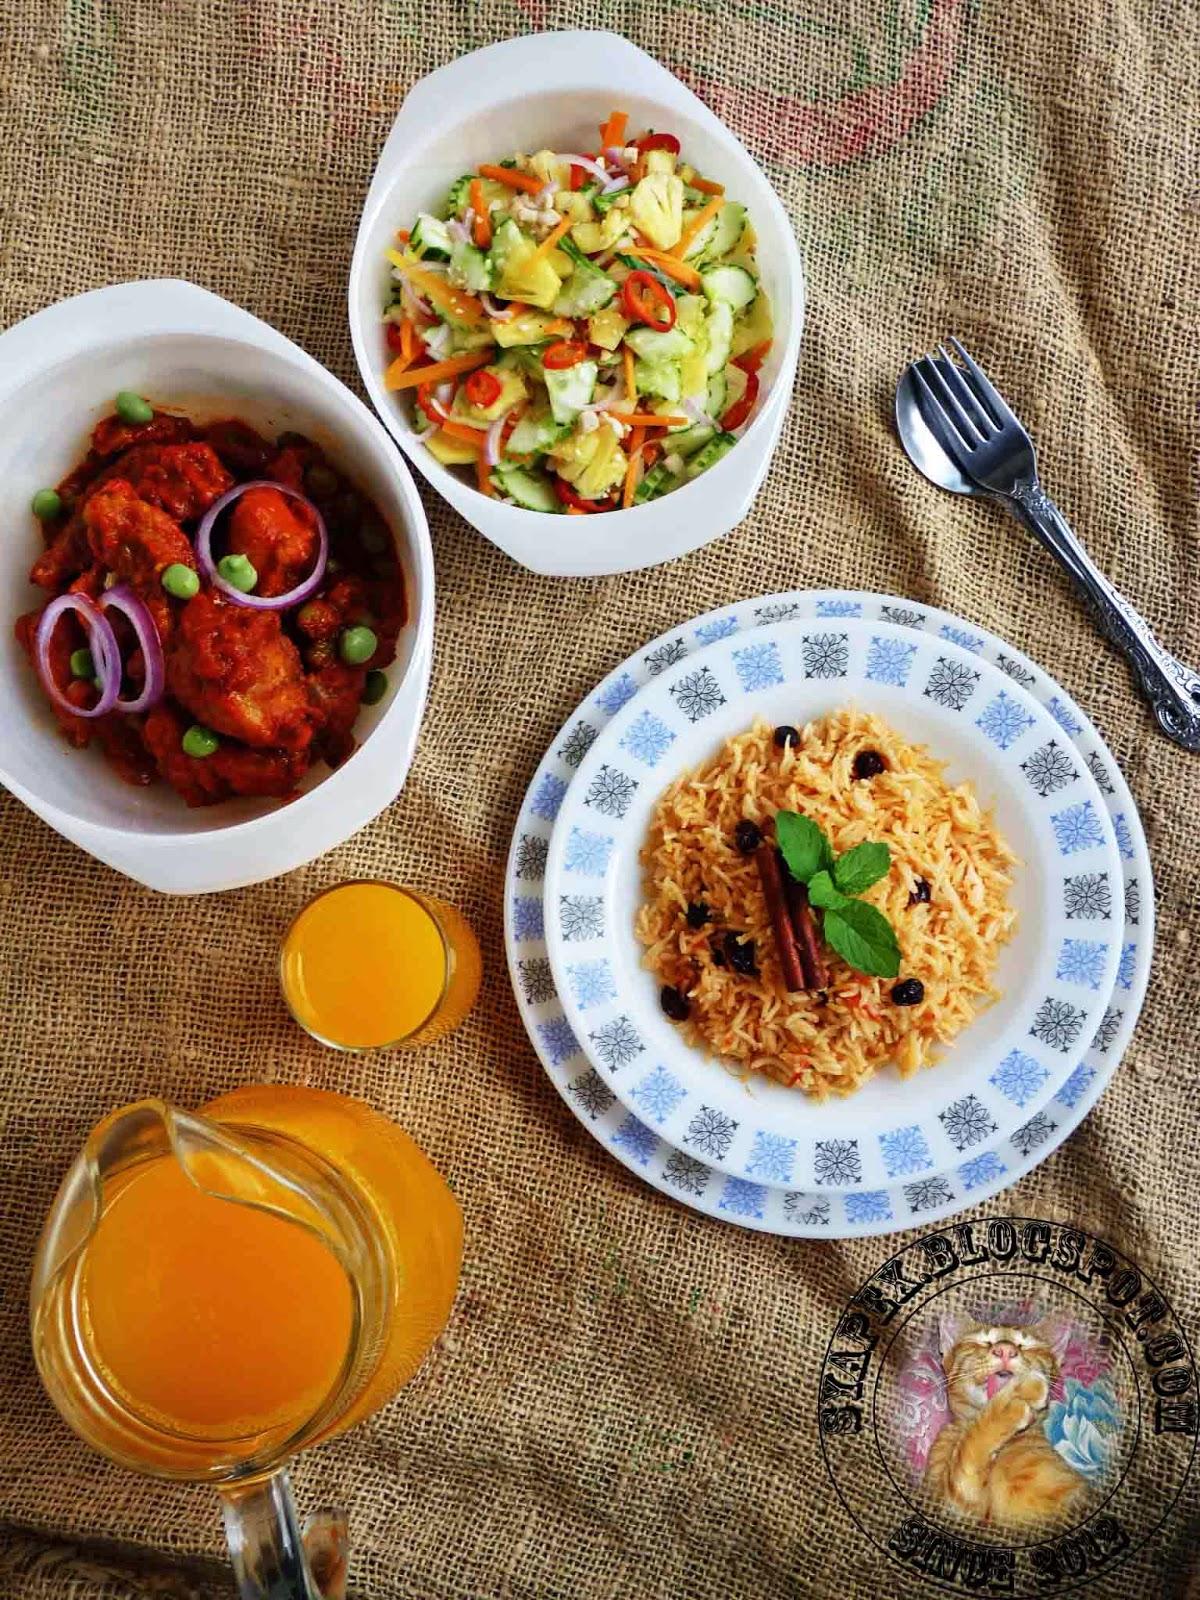 syapex kitchen: Nasi Tomato, Ayam Masak Merah dan Acar Timun Nenas